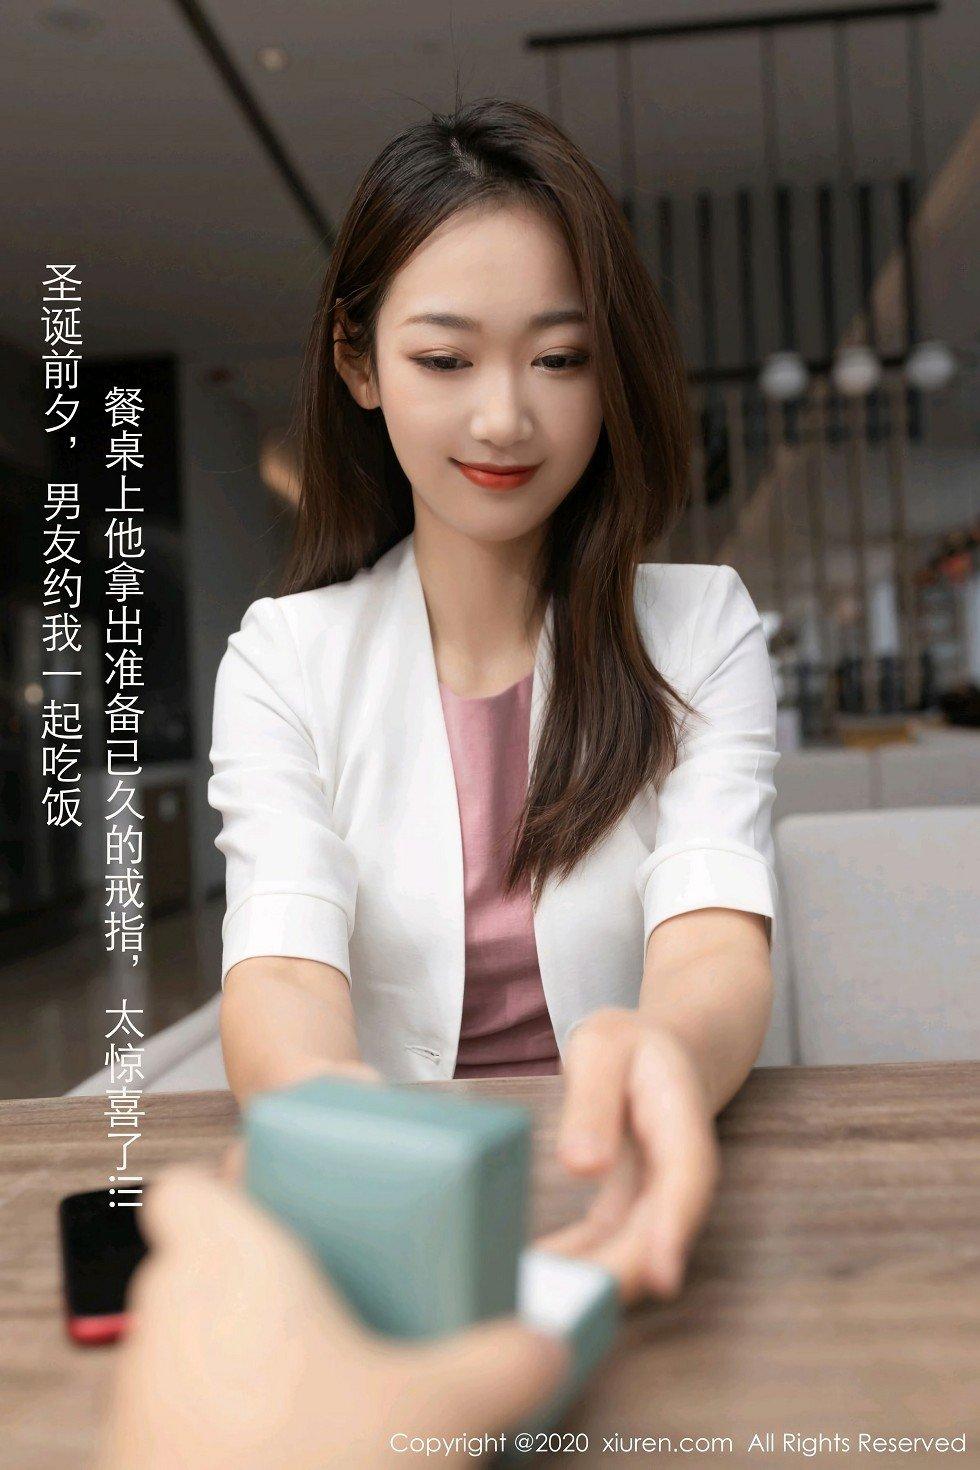 唐安琪(Vol. 2927) 性感mm-第1张